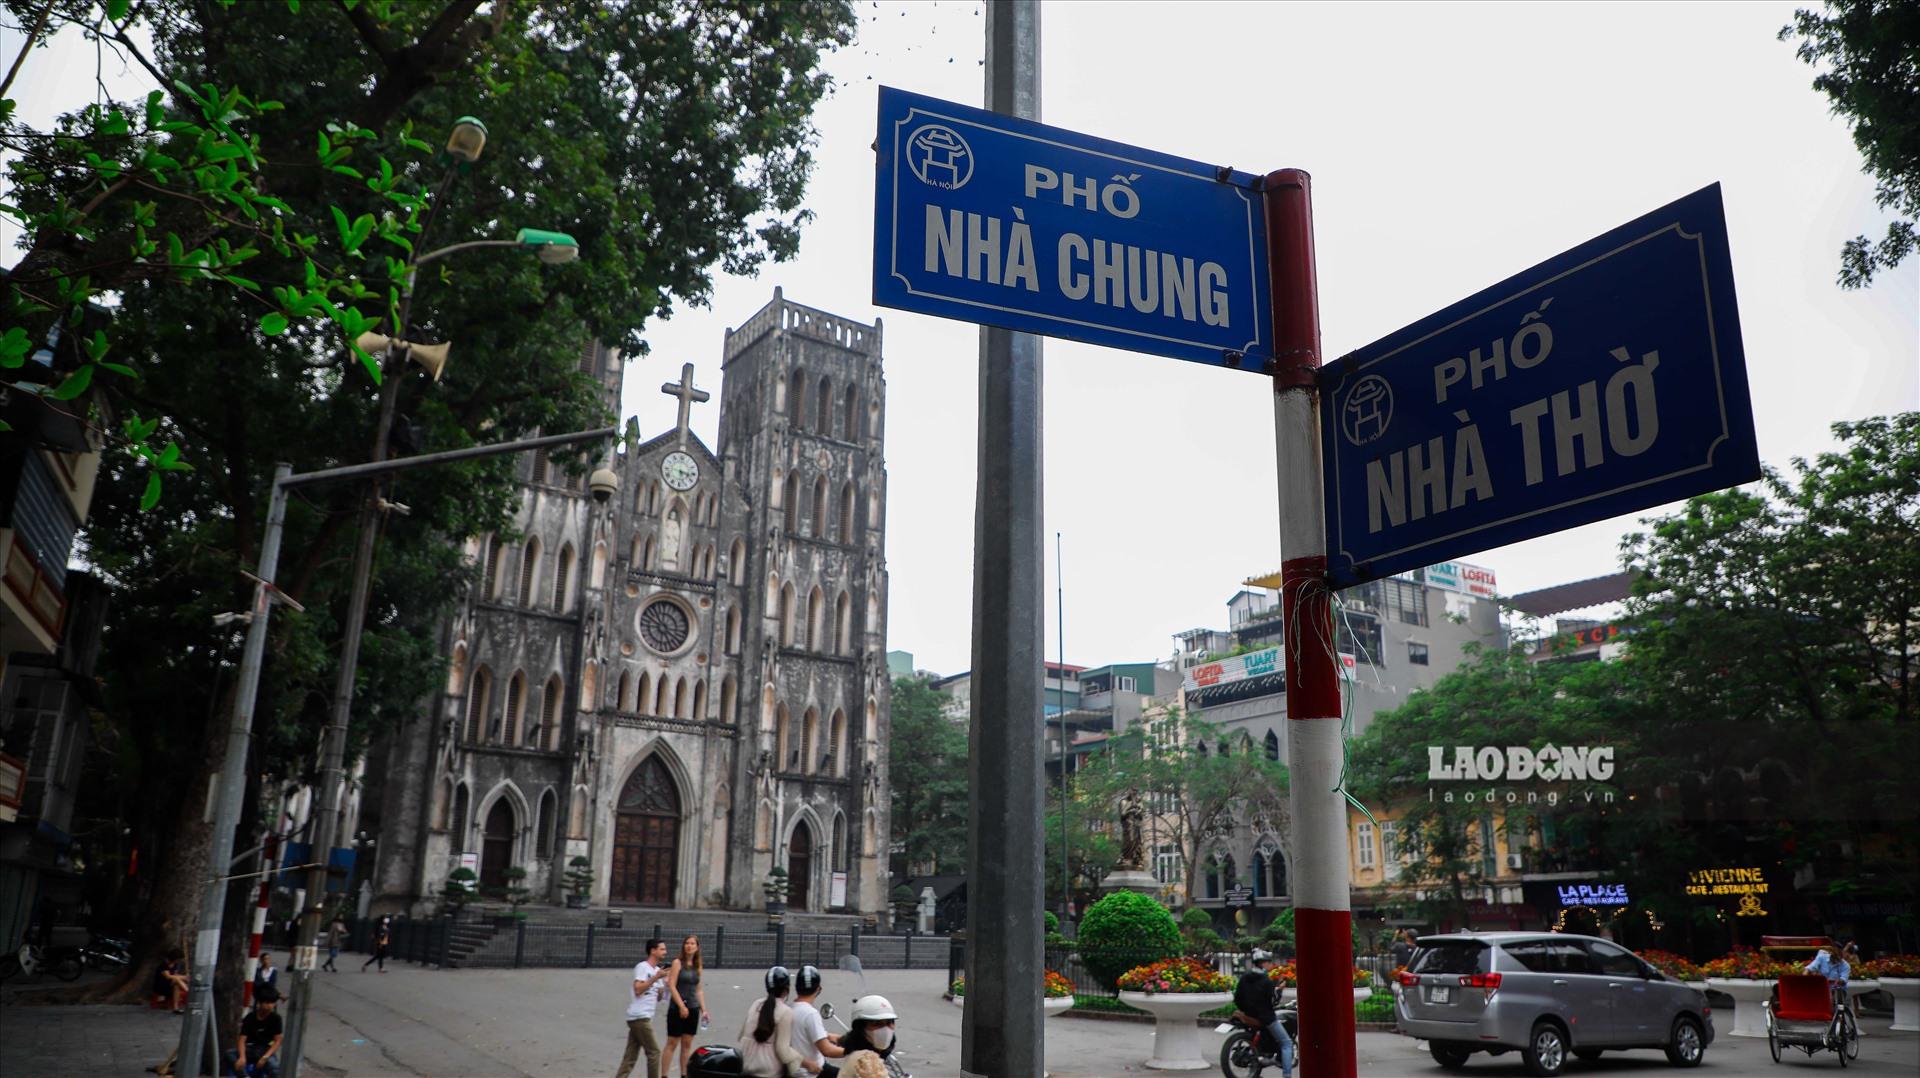 Người dân địa phương cho biết, giá đất đắt nhất ở khu vực giao giữa phố Nhà Chung và phố Nhà Thờ.